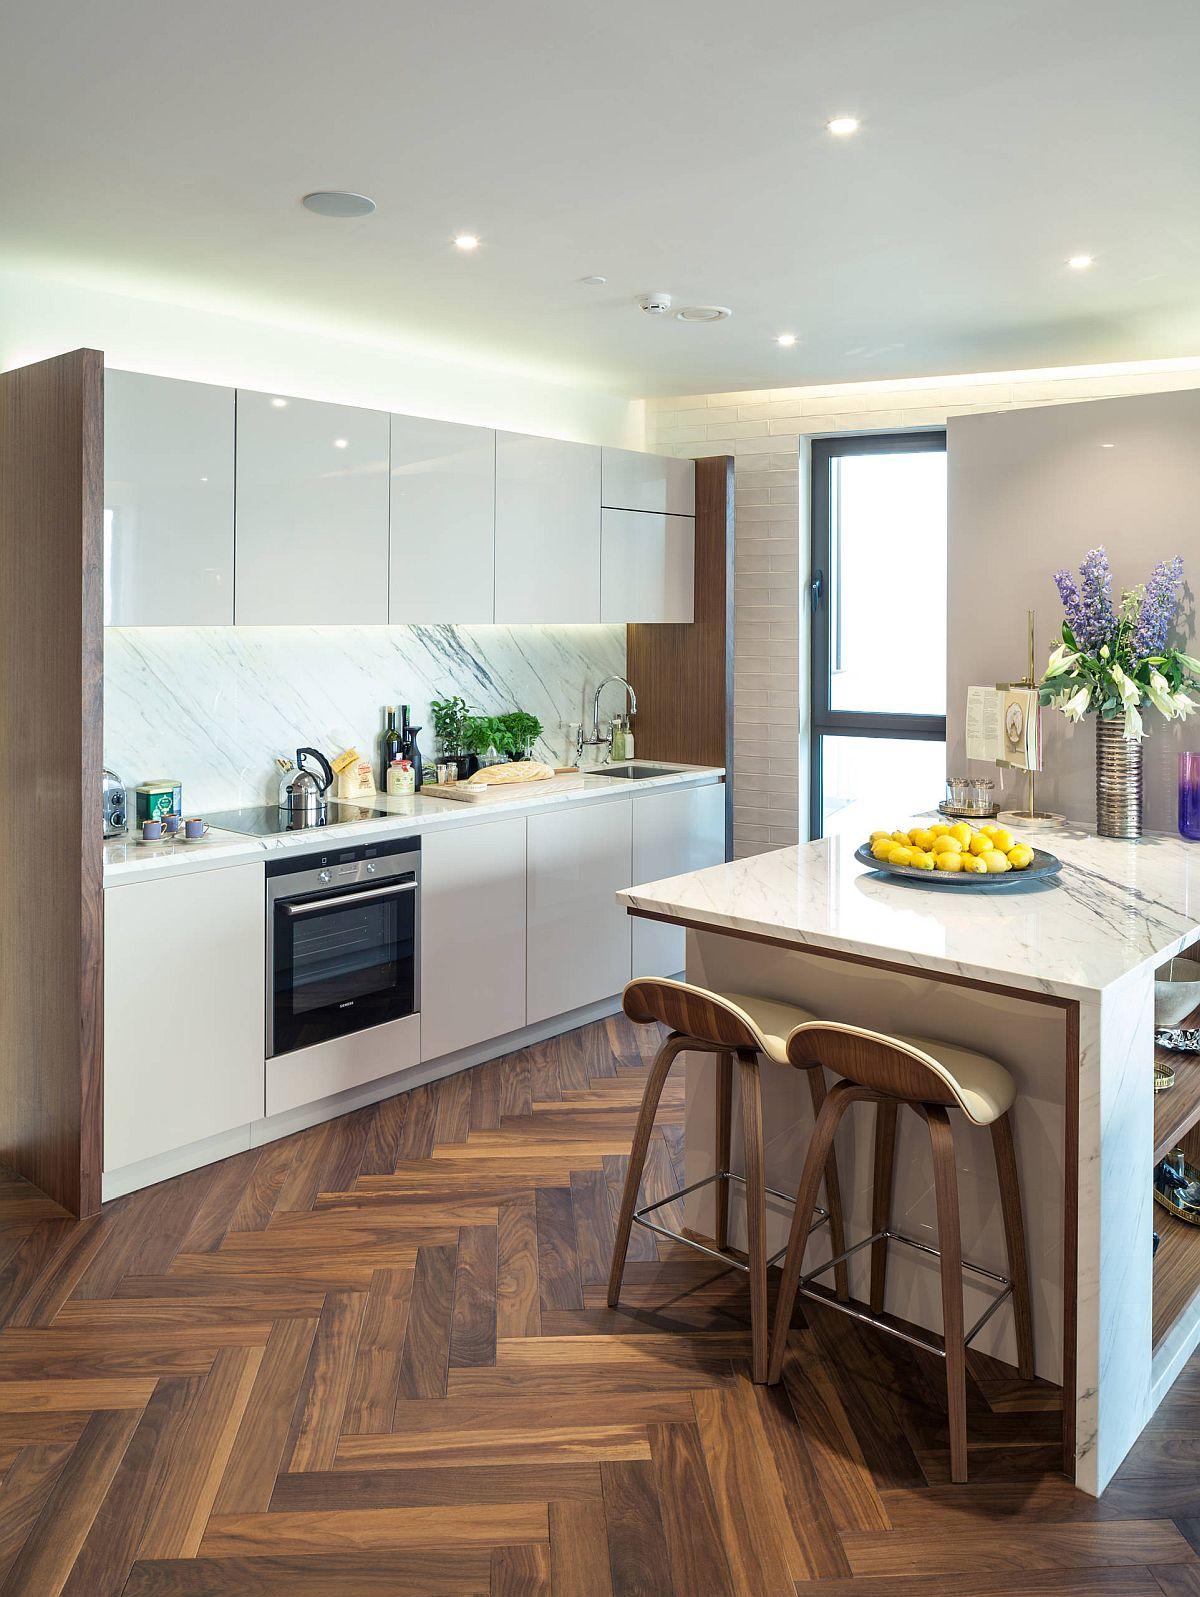 Sàn nhà bếp thịnh hành nhất năm 2020: Sàn gỗ ở khắp mọi nơi! - Ảnh 7.